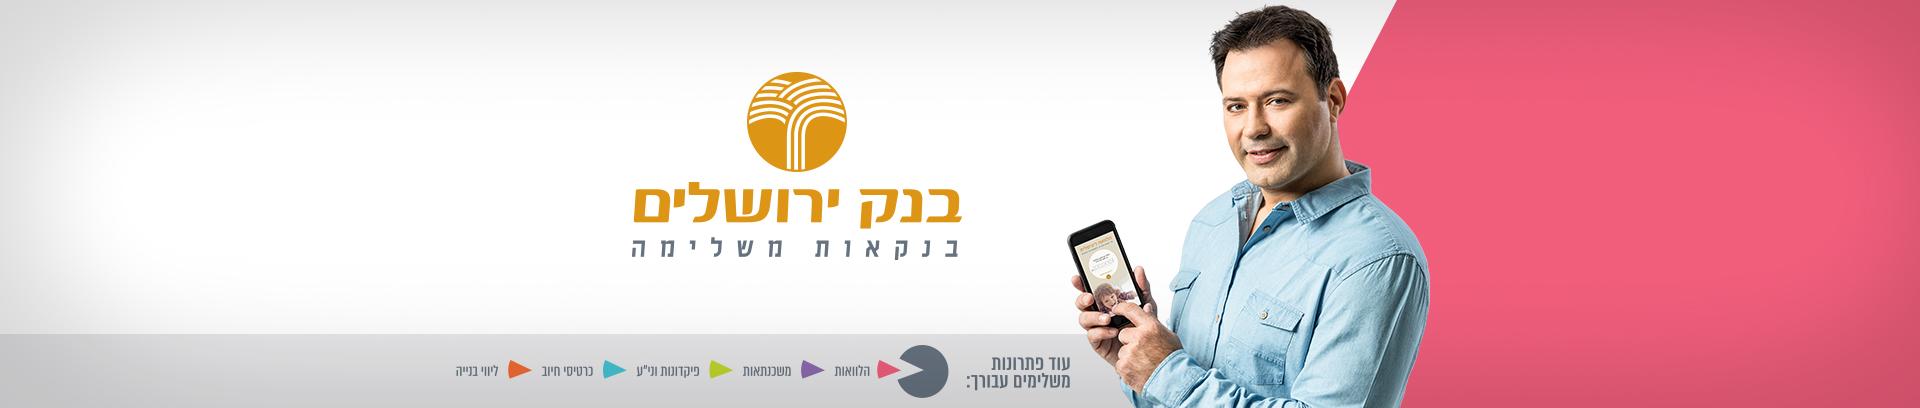 בנק ירושלים – פיקדון ארץ